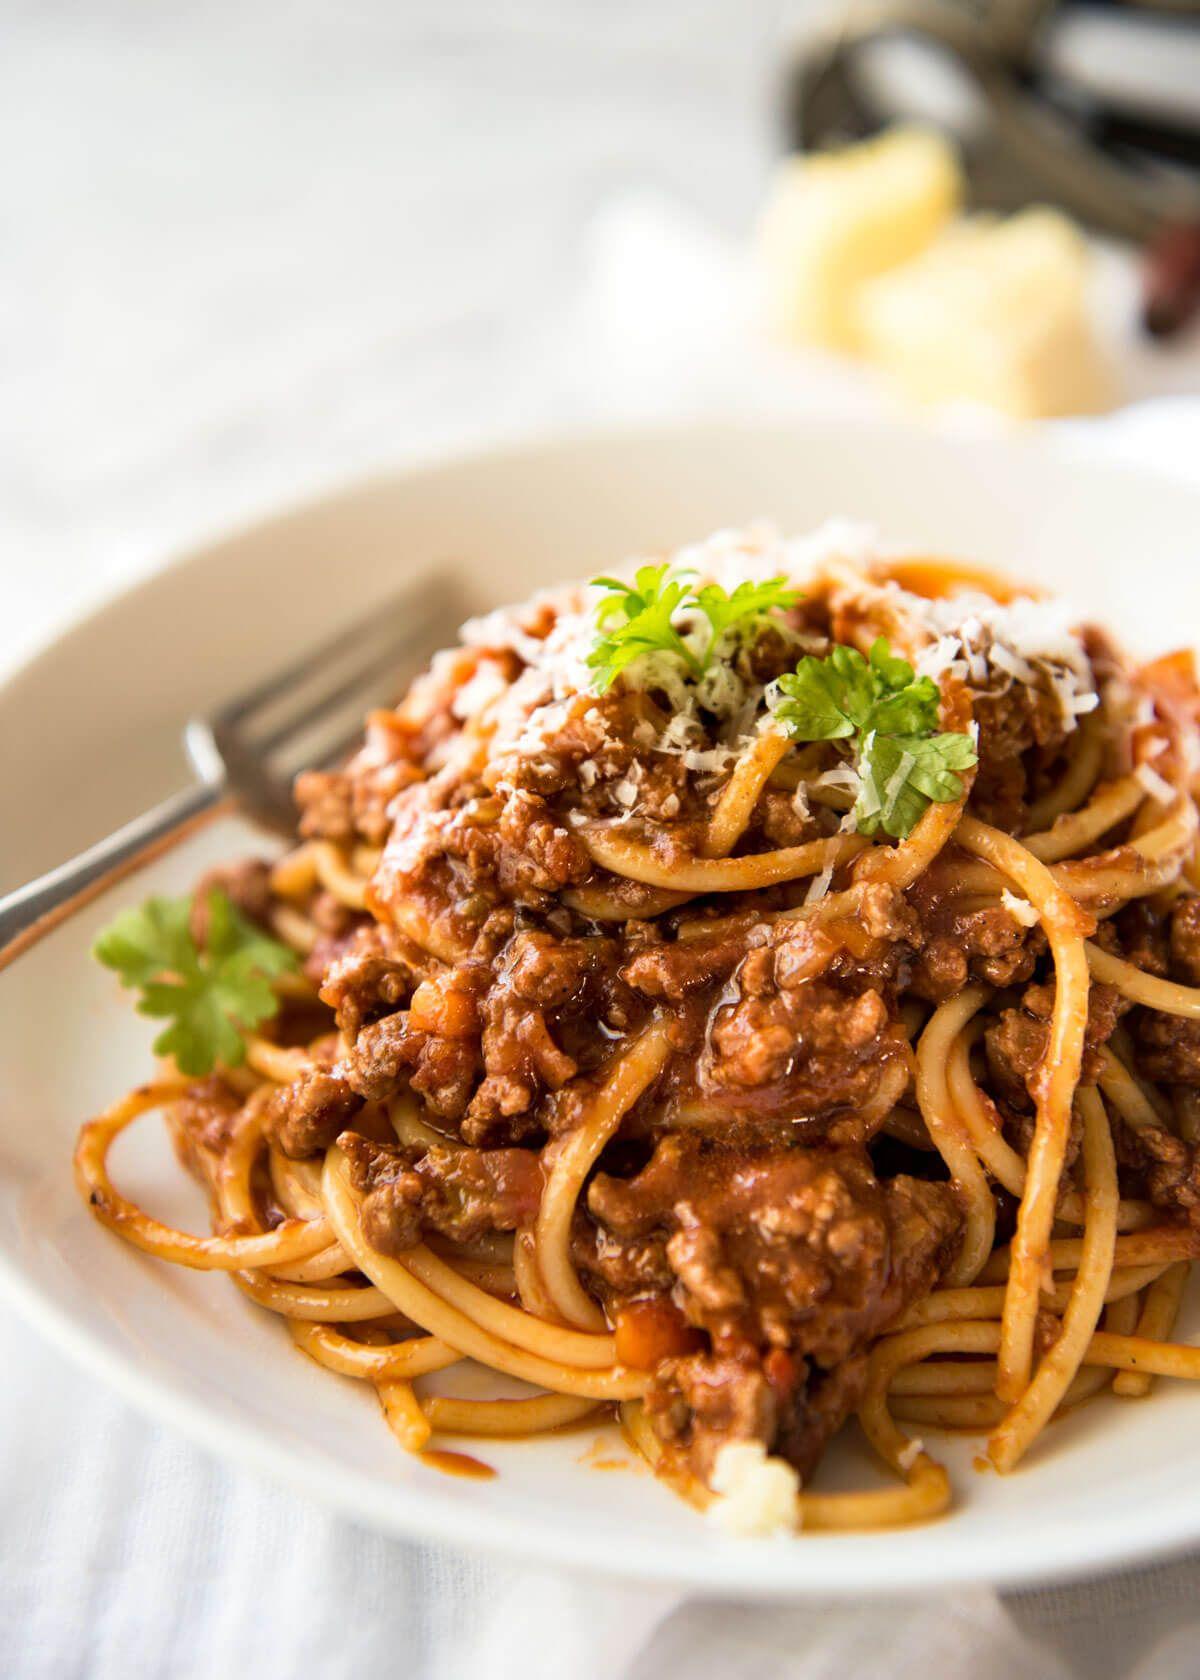 Spaghetti Bolognese Recipe Bolognese Recipe Spaghetti Bolognese Recipe Spaghetti Bolognese